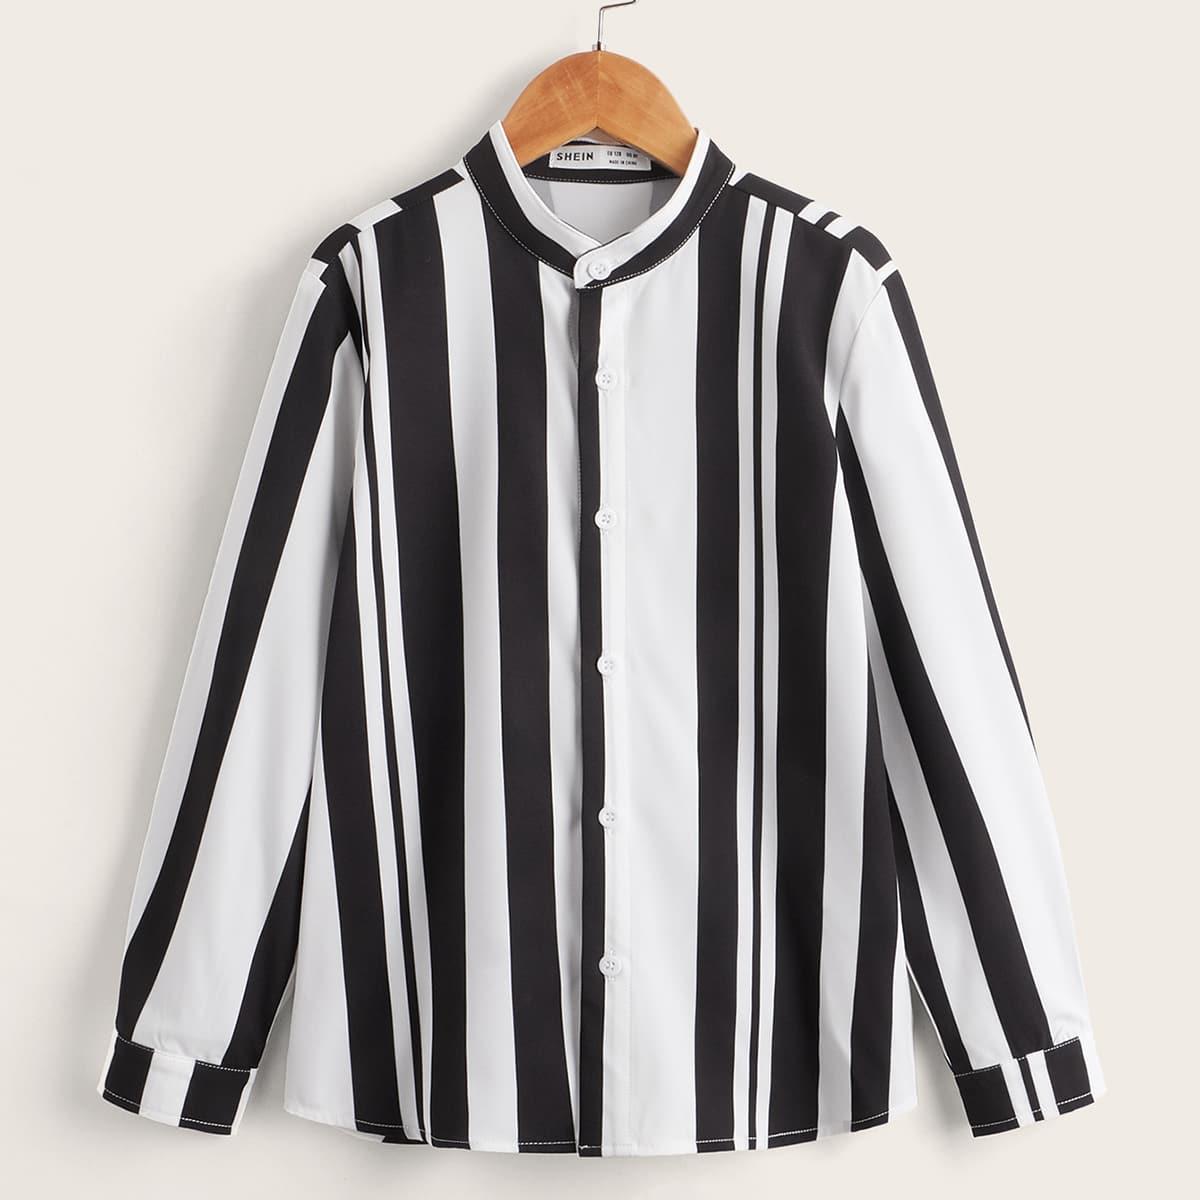 Пуговица Полосатый Повседневный Рубашки для мальчиков